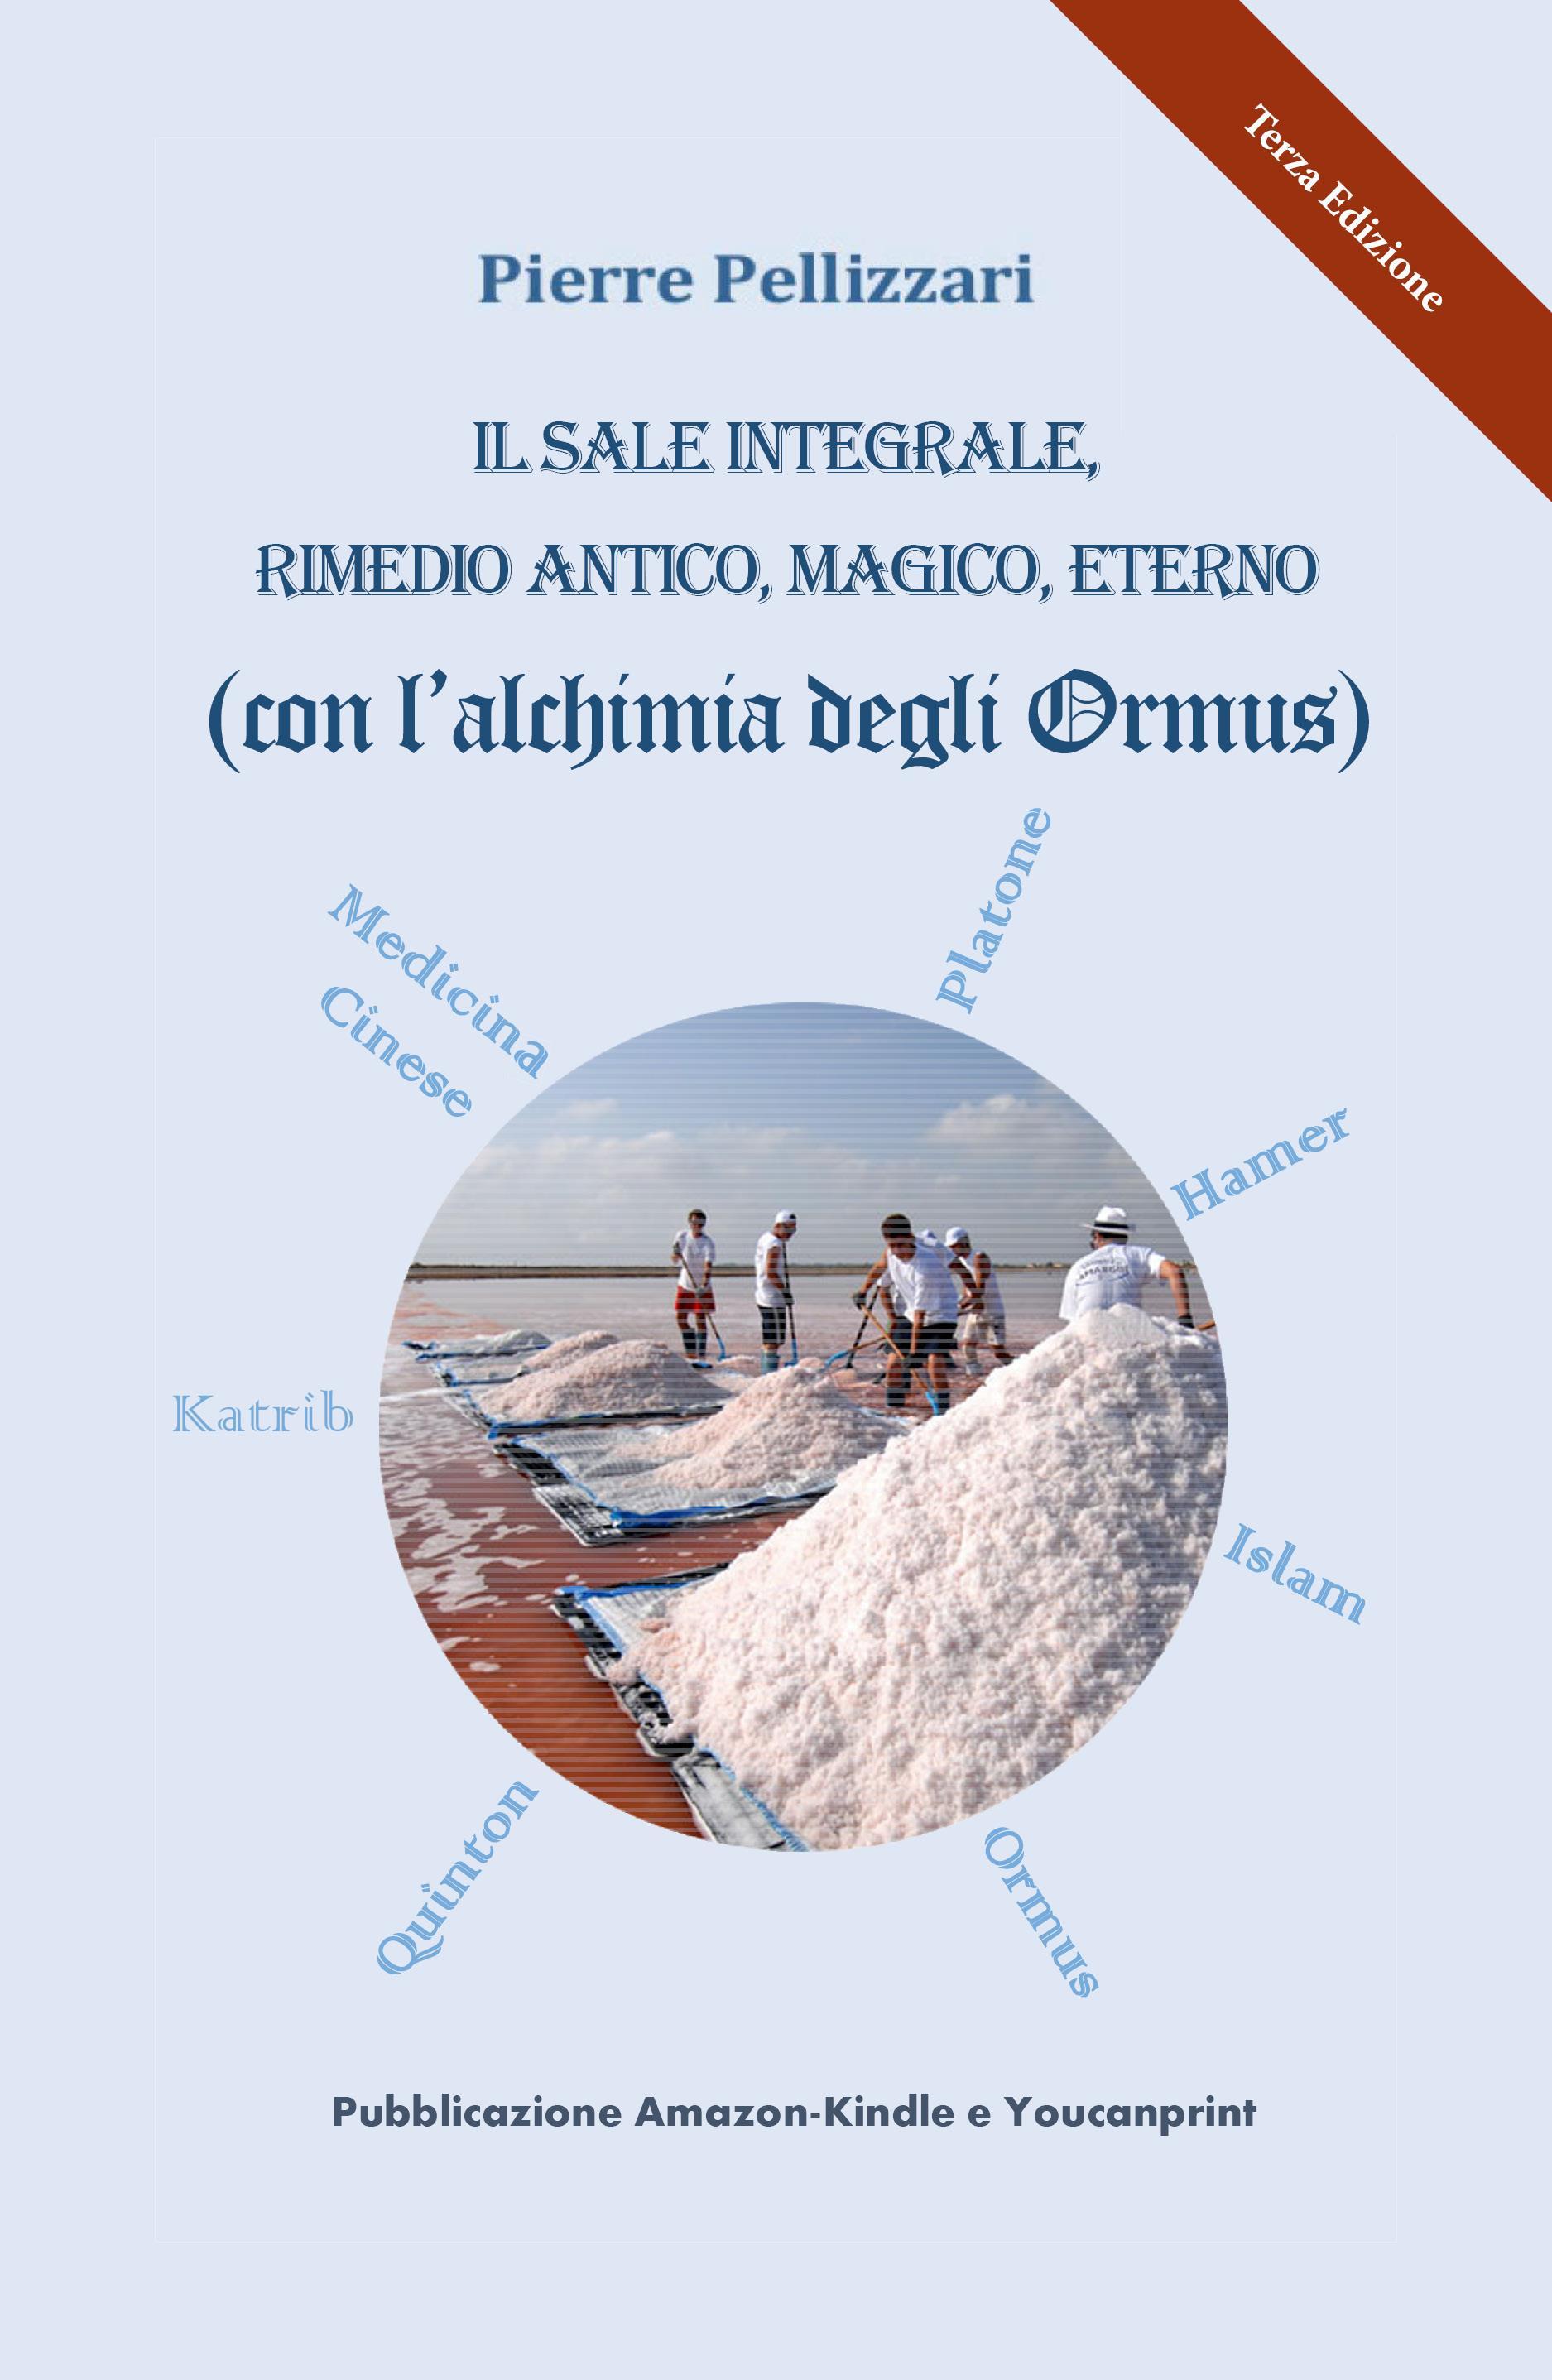 IL SALE INTEGRALE, RIMEDIO ANTICO, MAGICO, ETERNO (Grazie all'alchimia degli Ormus)